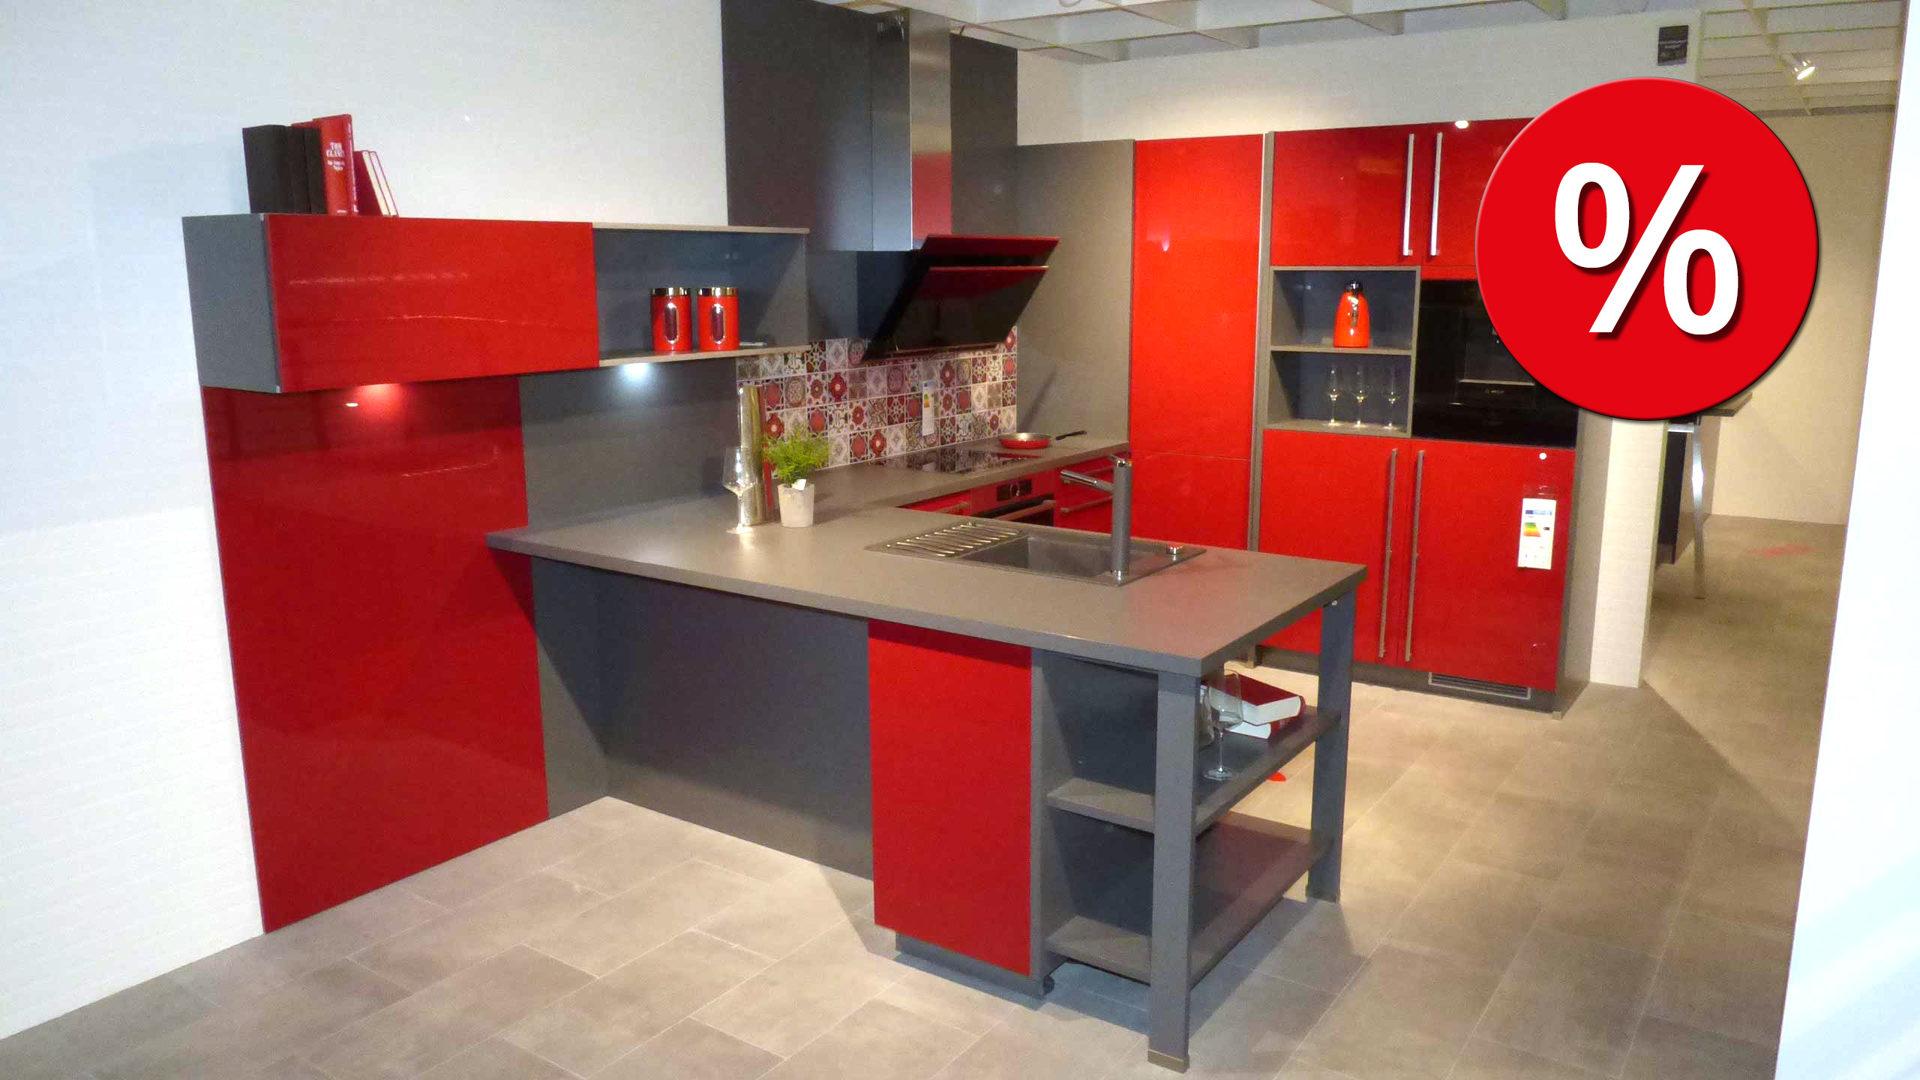 Einbauküchen Frankfurt culineo einbauküche c345 inkl bosch e geräte die front in rot